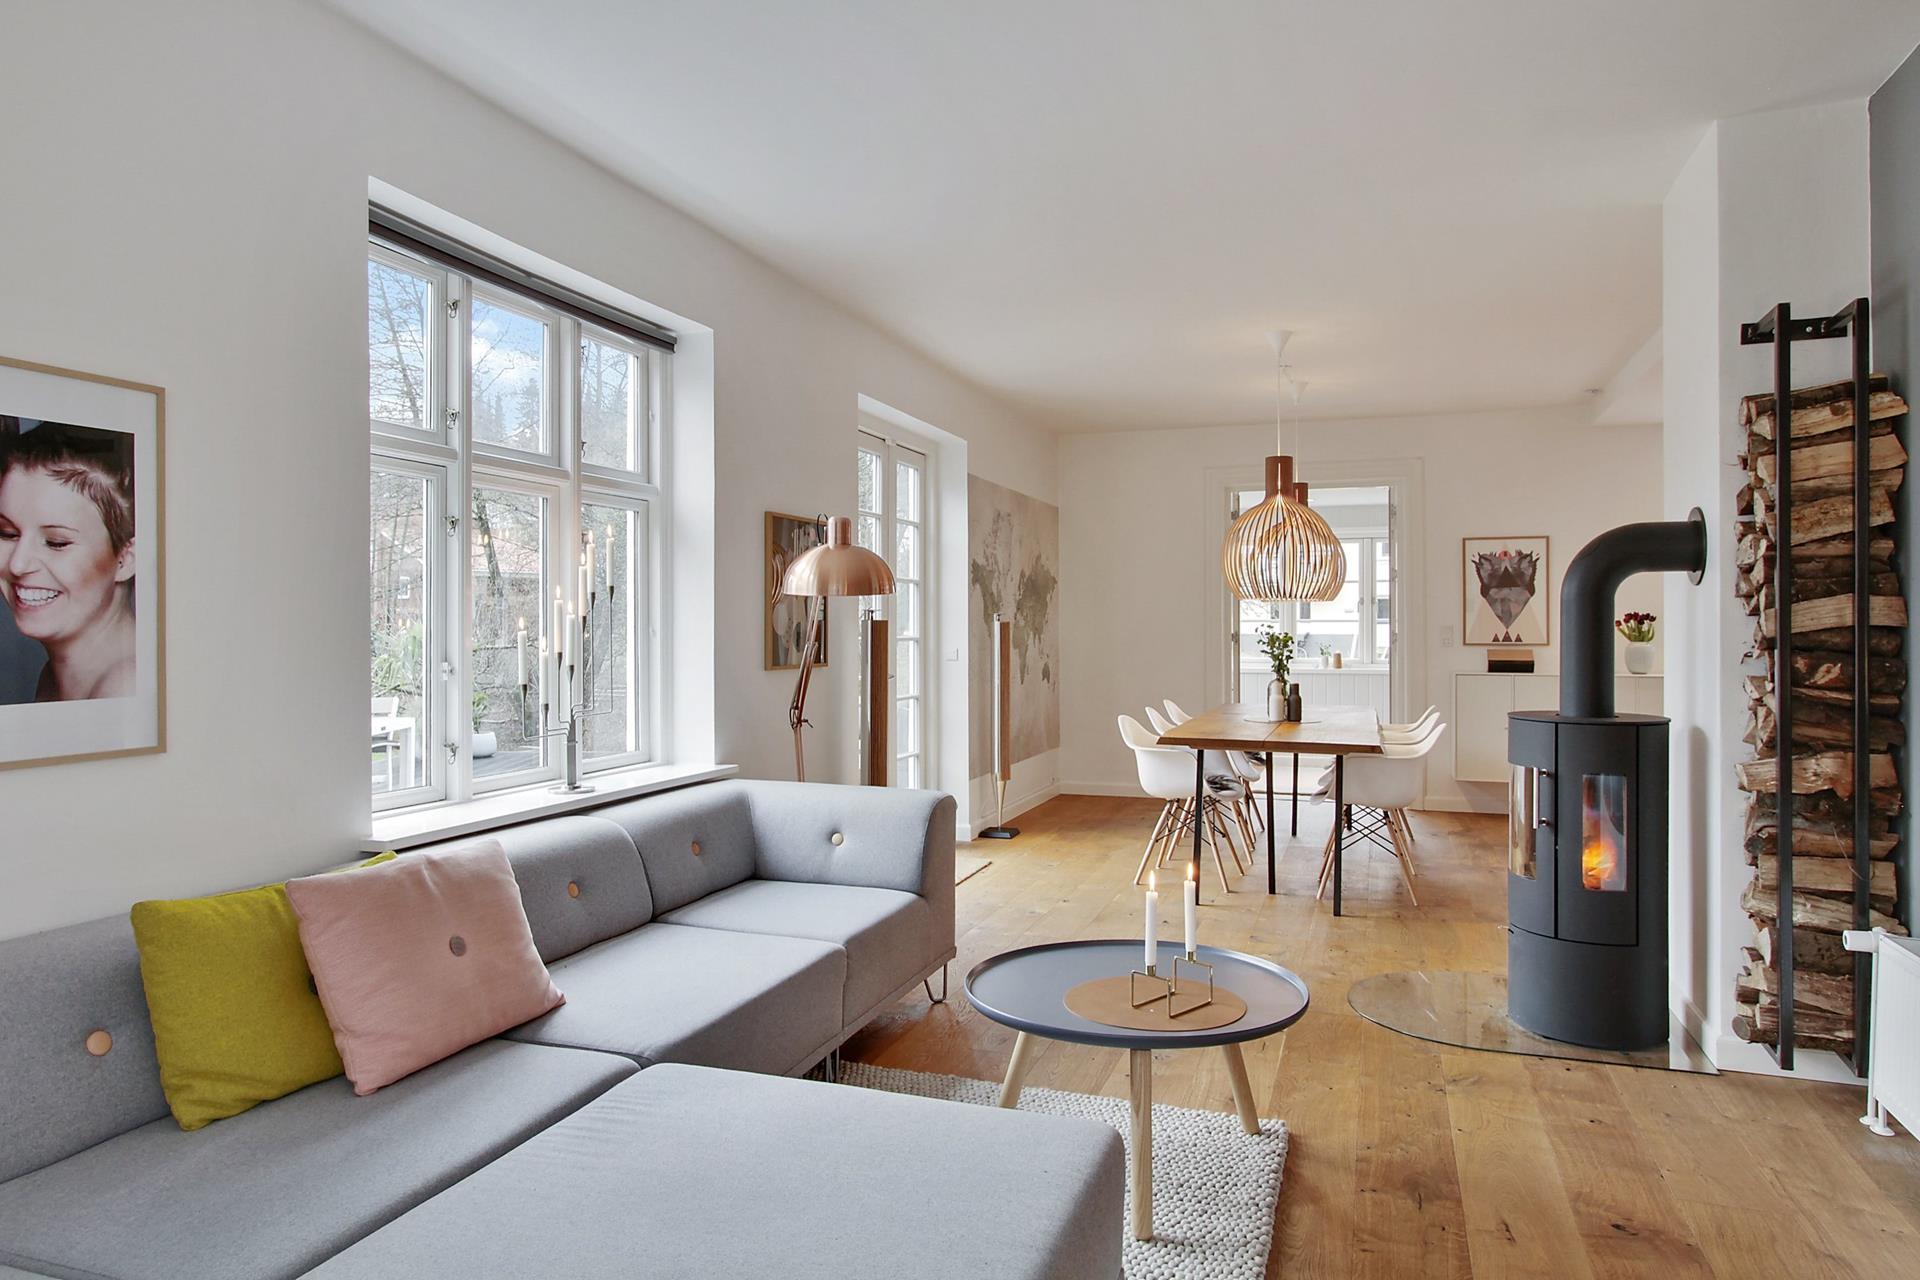 cocina abierta al sal n en forma de l blog tienda decoraci n estilo n rdico delikatissen. Black Bedroom Furniture Sets. Home Design Ideas